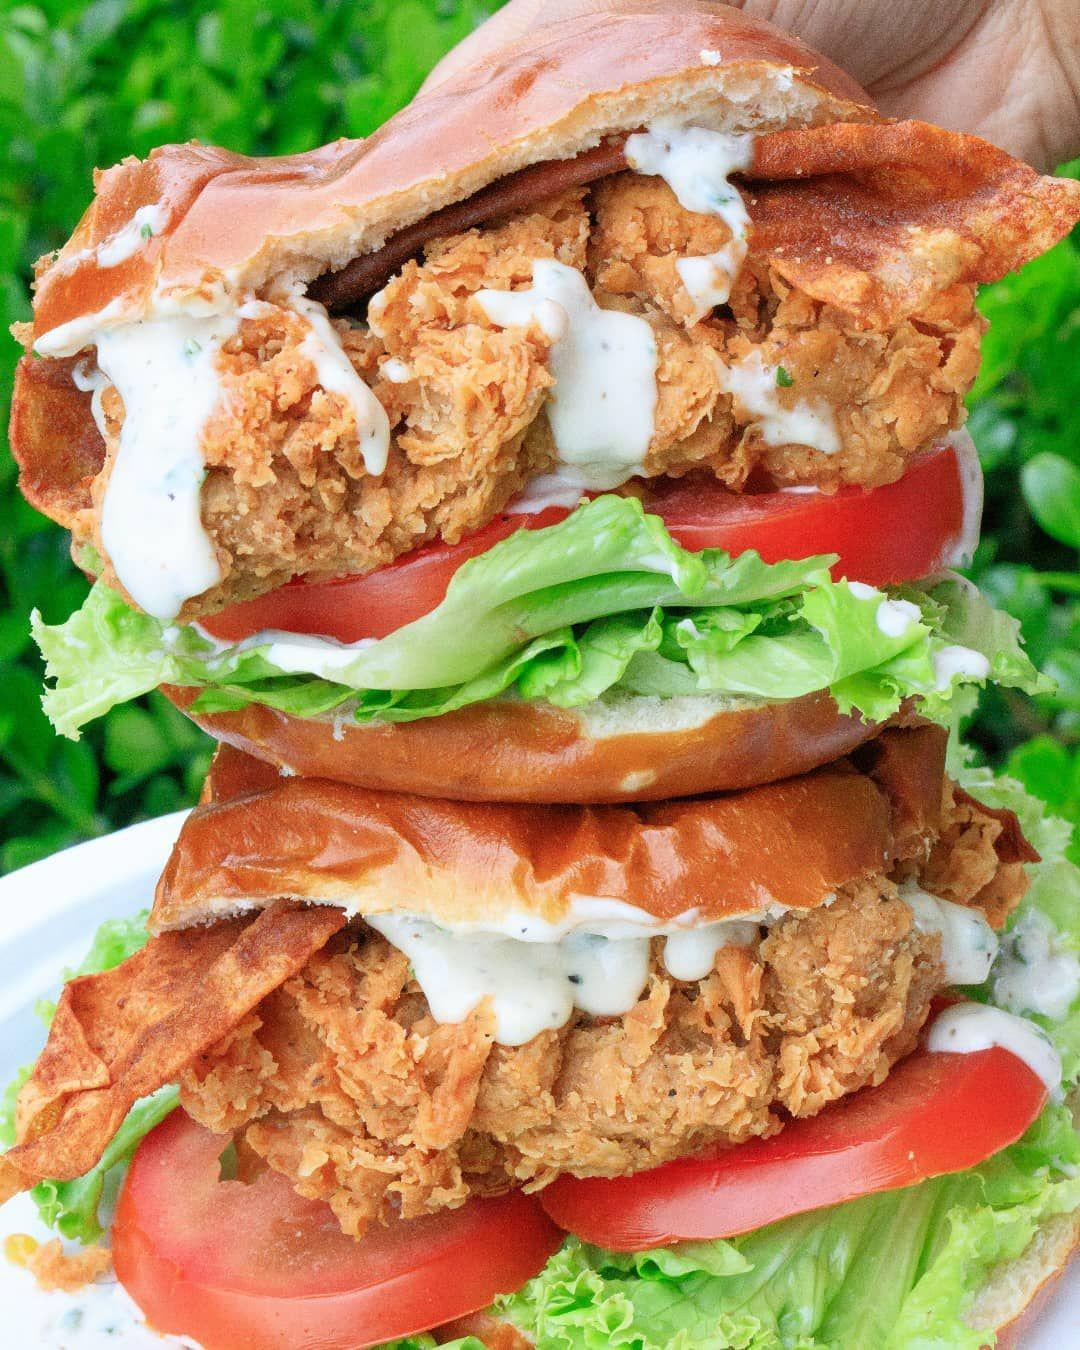 On Sunday S Shark Tank Jonathan And Deborah Torres Founders Of Atlas Monroe Believed Their 100 Vegan Vegan Fried Chicken Vegan Fries Plant Based Burgers